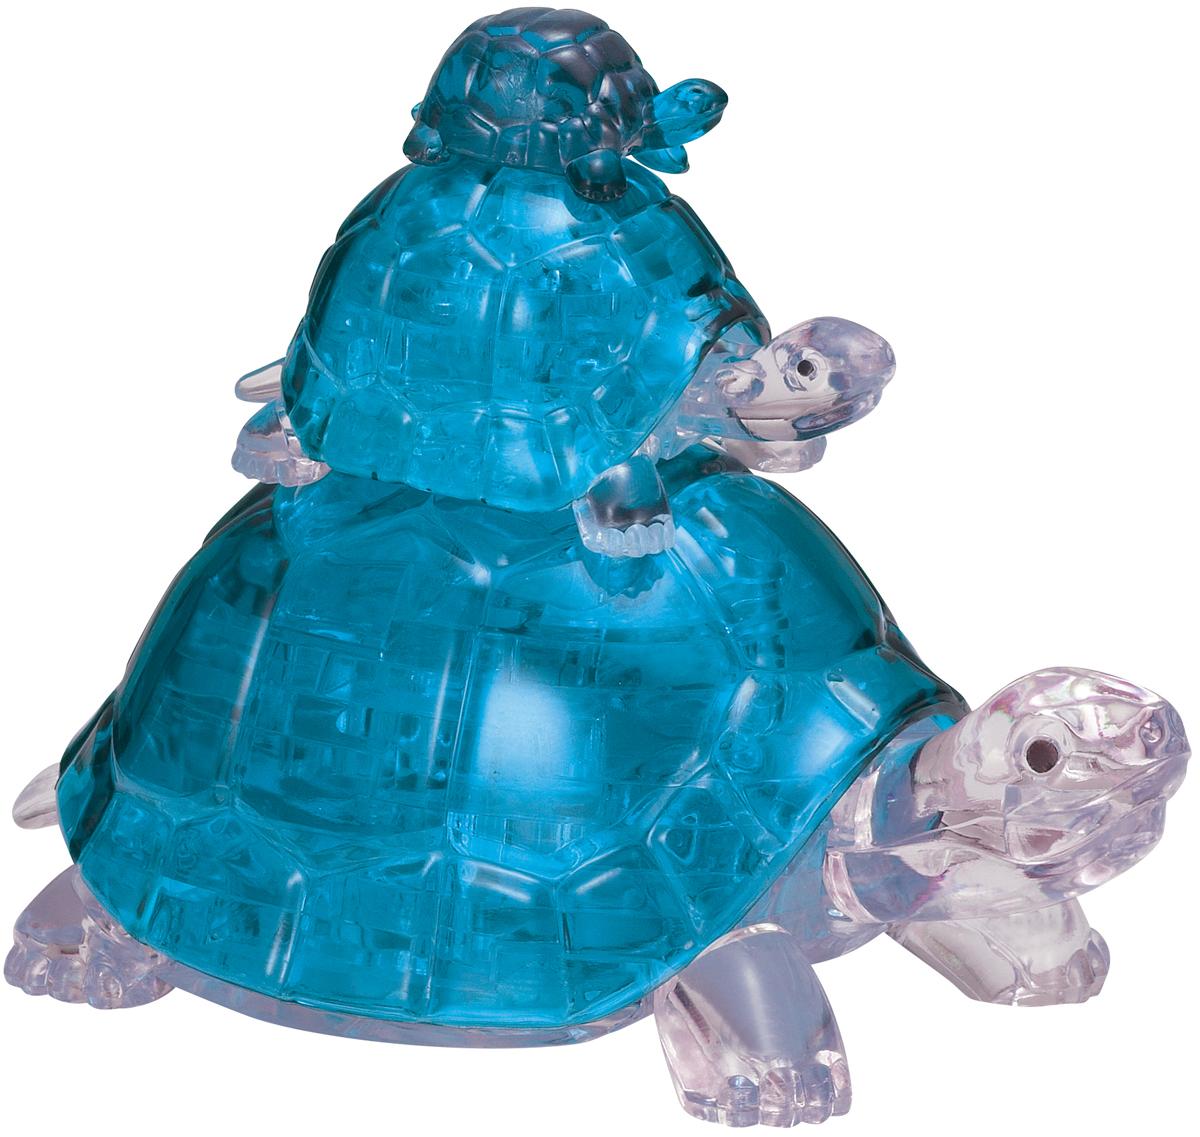 Blue Turtles Animals 3D Puzzle